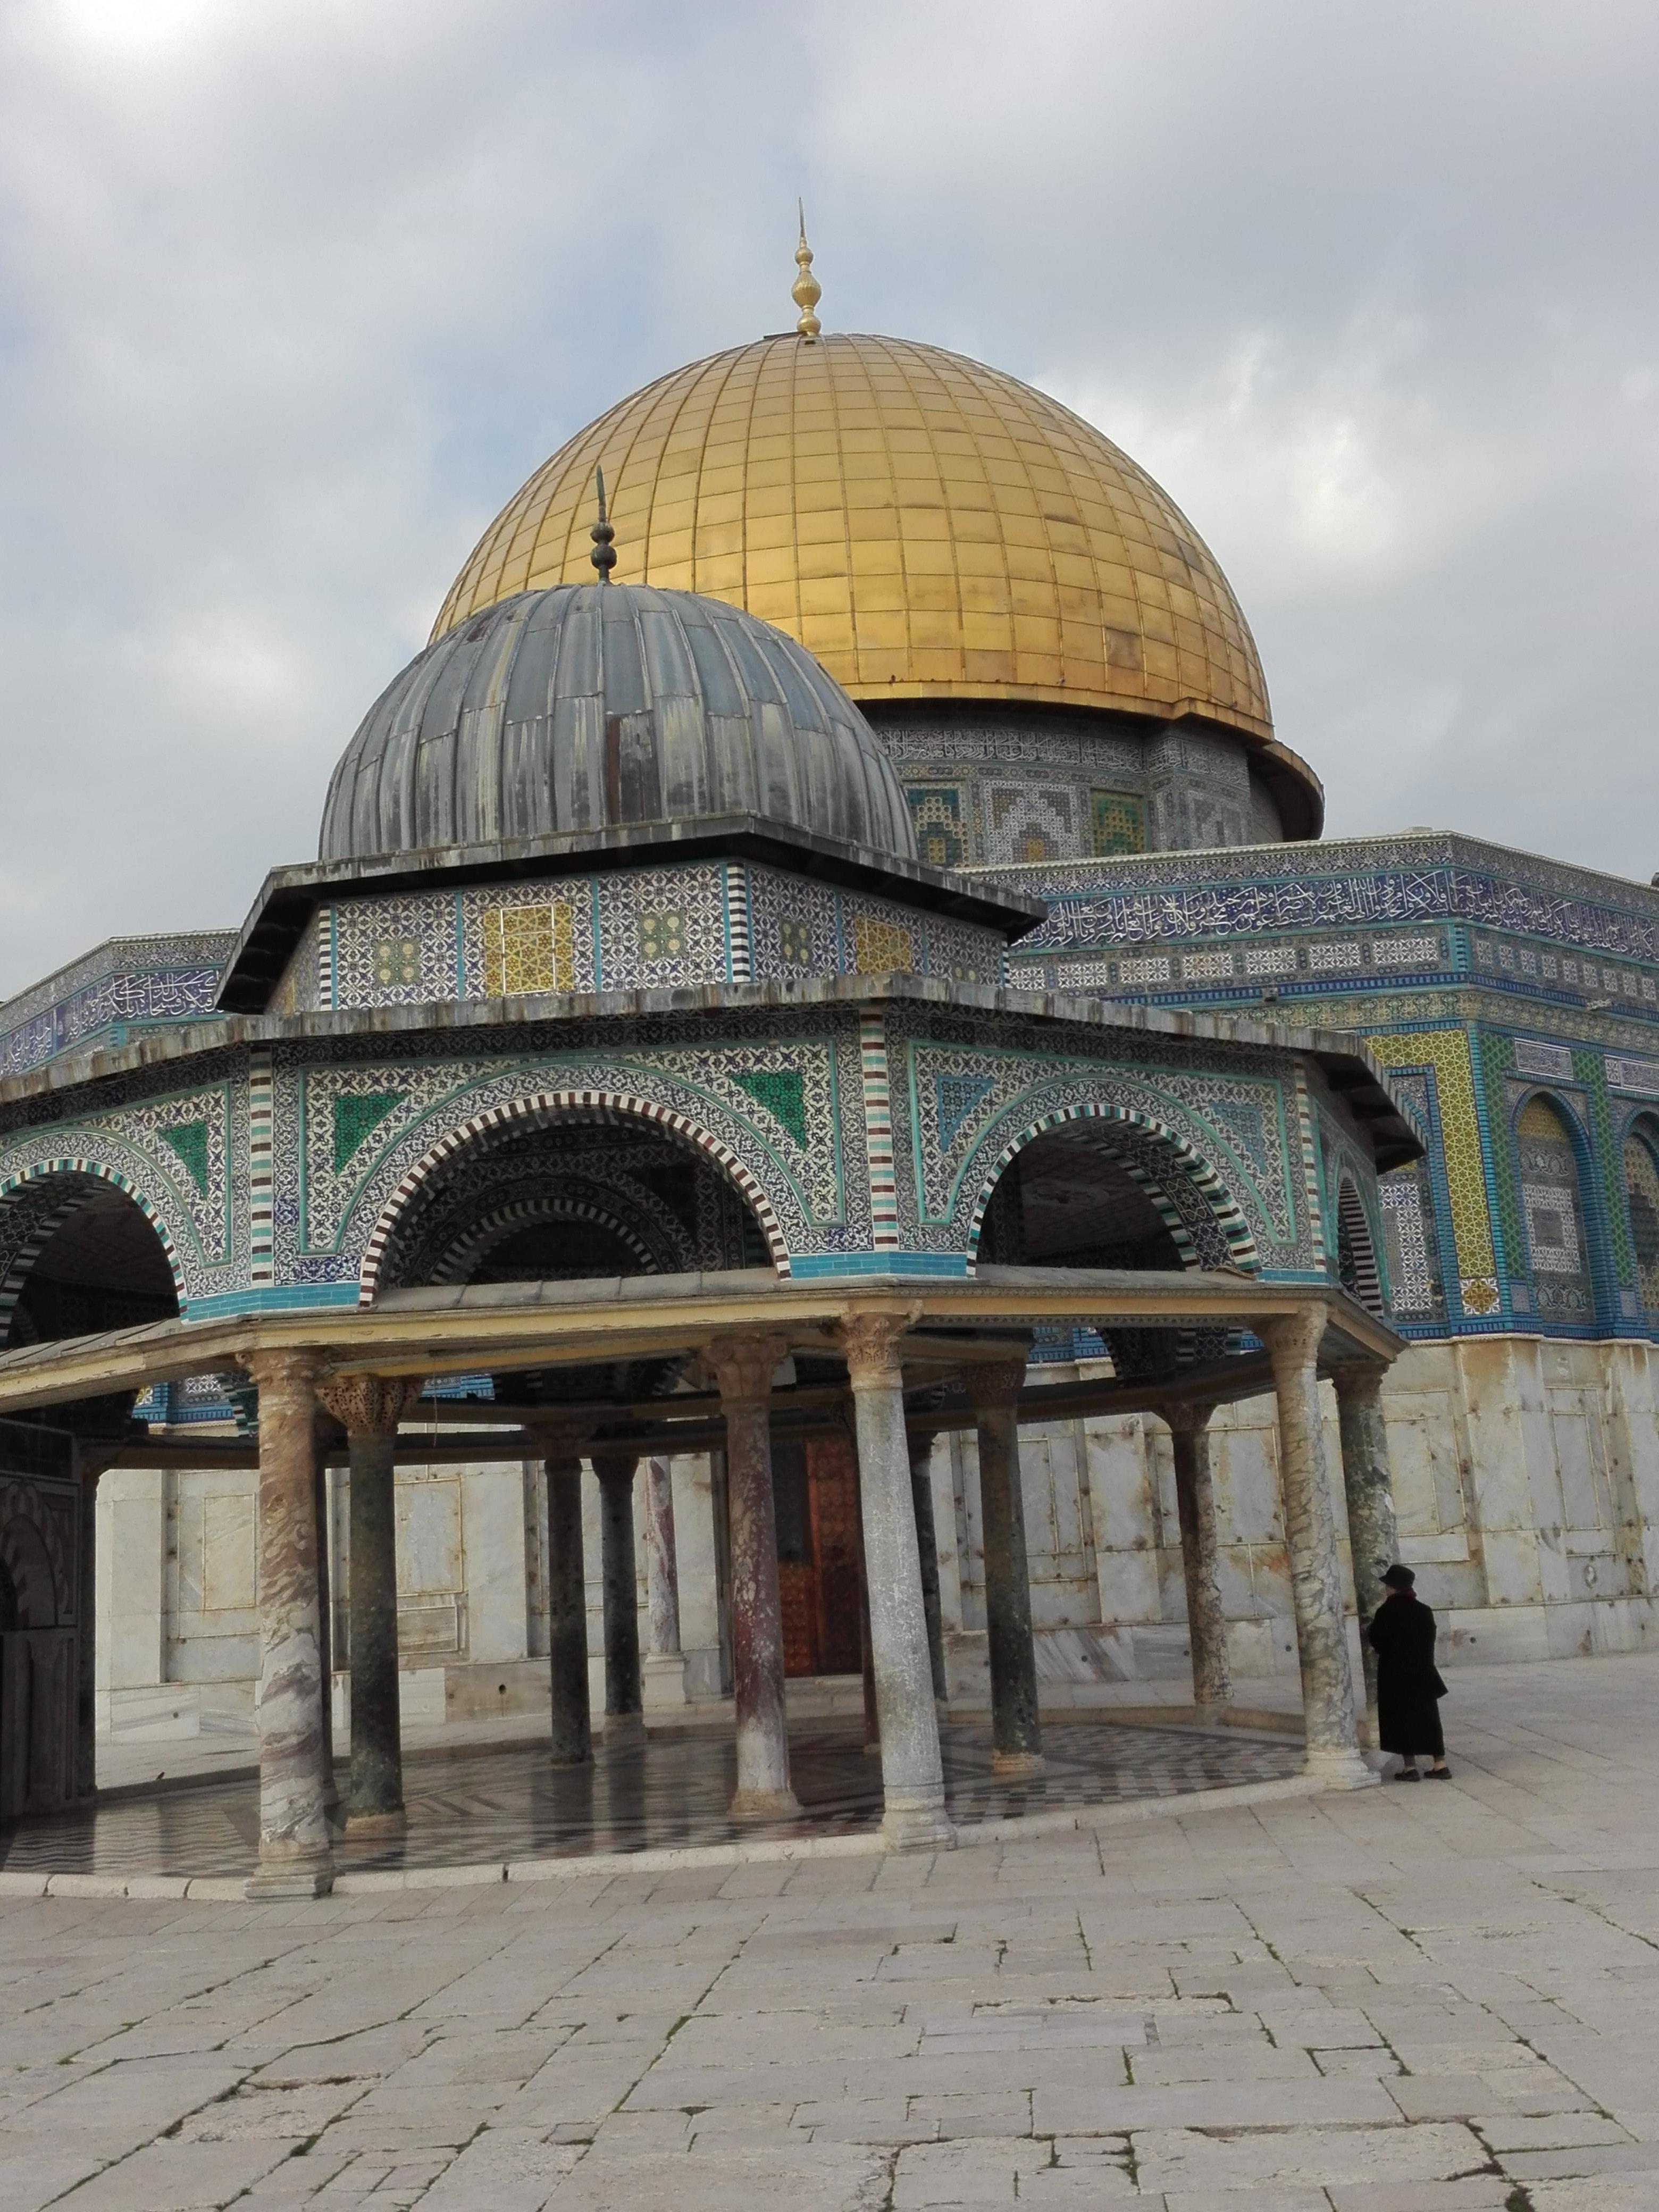 La bella resistenza. Diario di un viaggio in Palestina